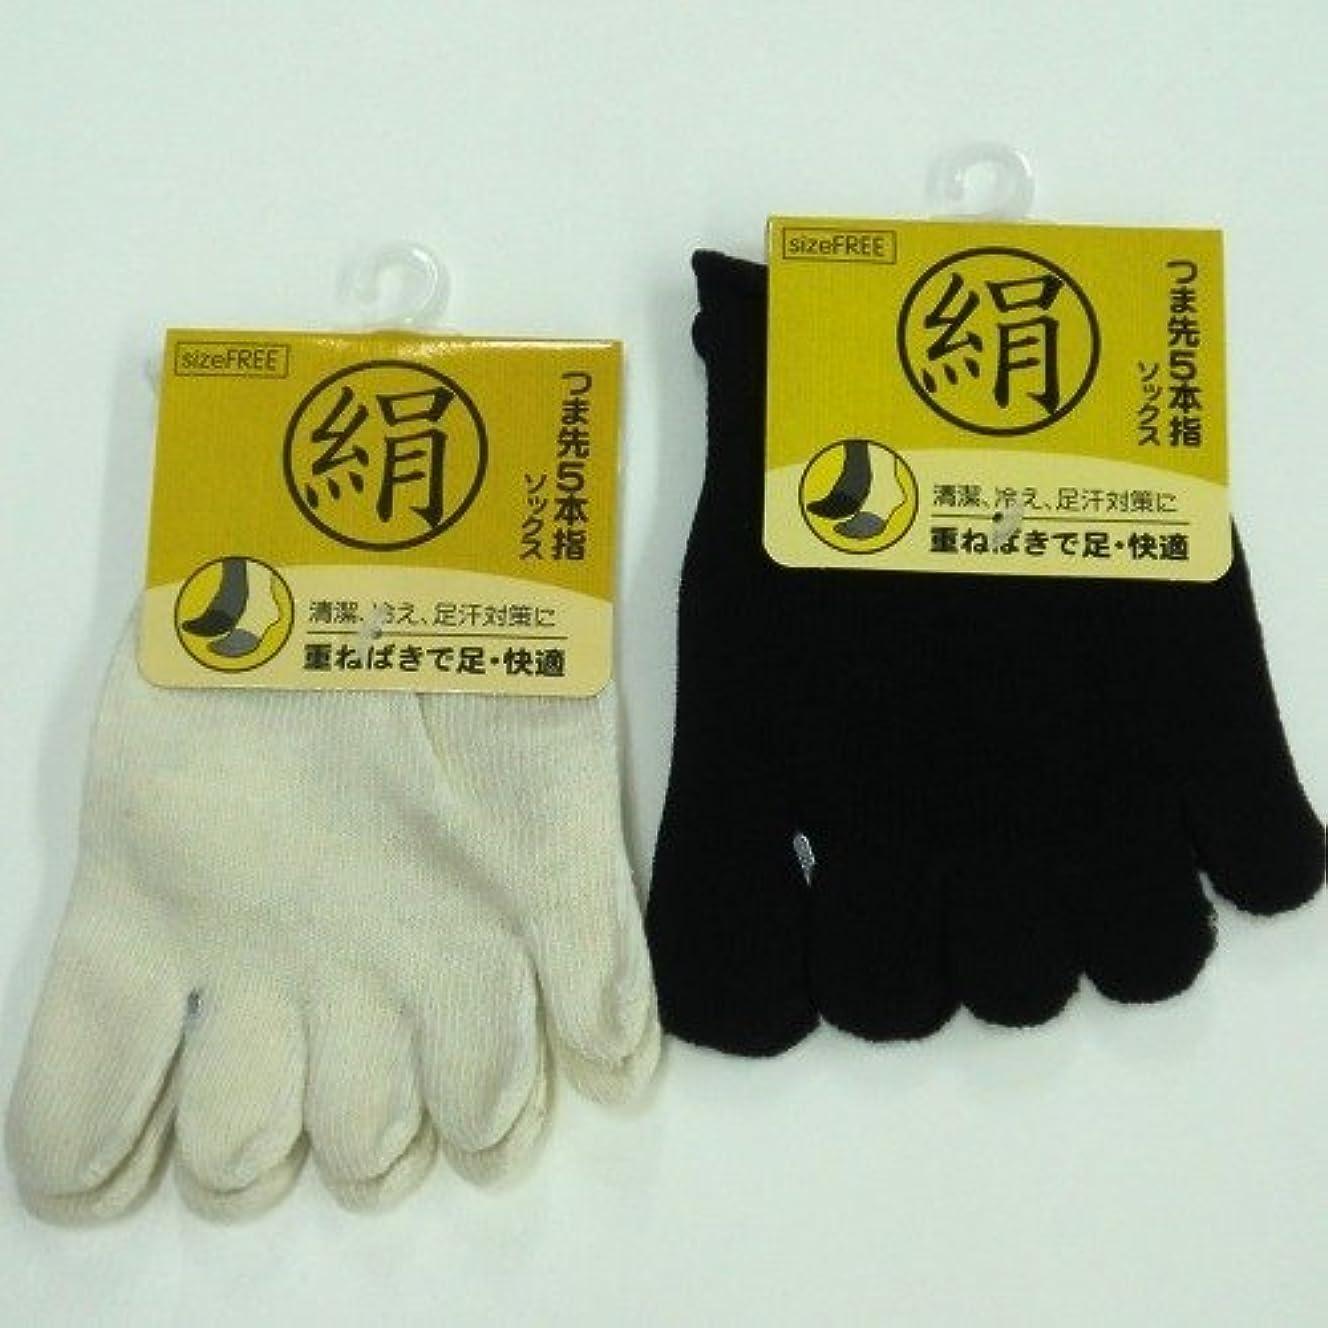 株式会社に賛成巨大なシルク 5本指ハーフソックス 足指カバー 天然素材絹で抗菌防臭 3足組 (色はお任せ)